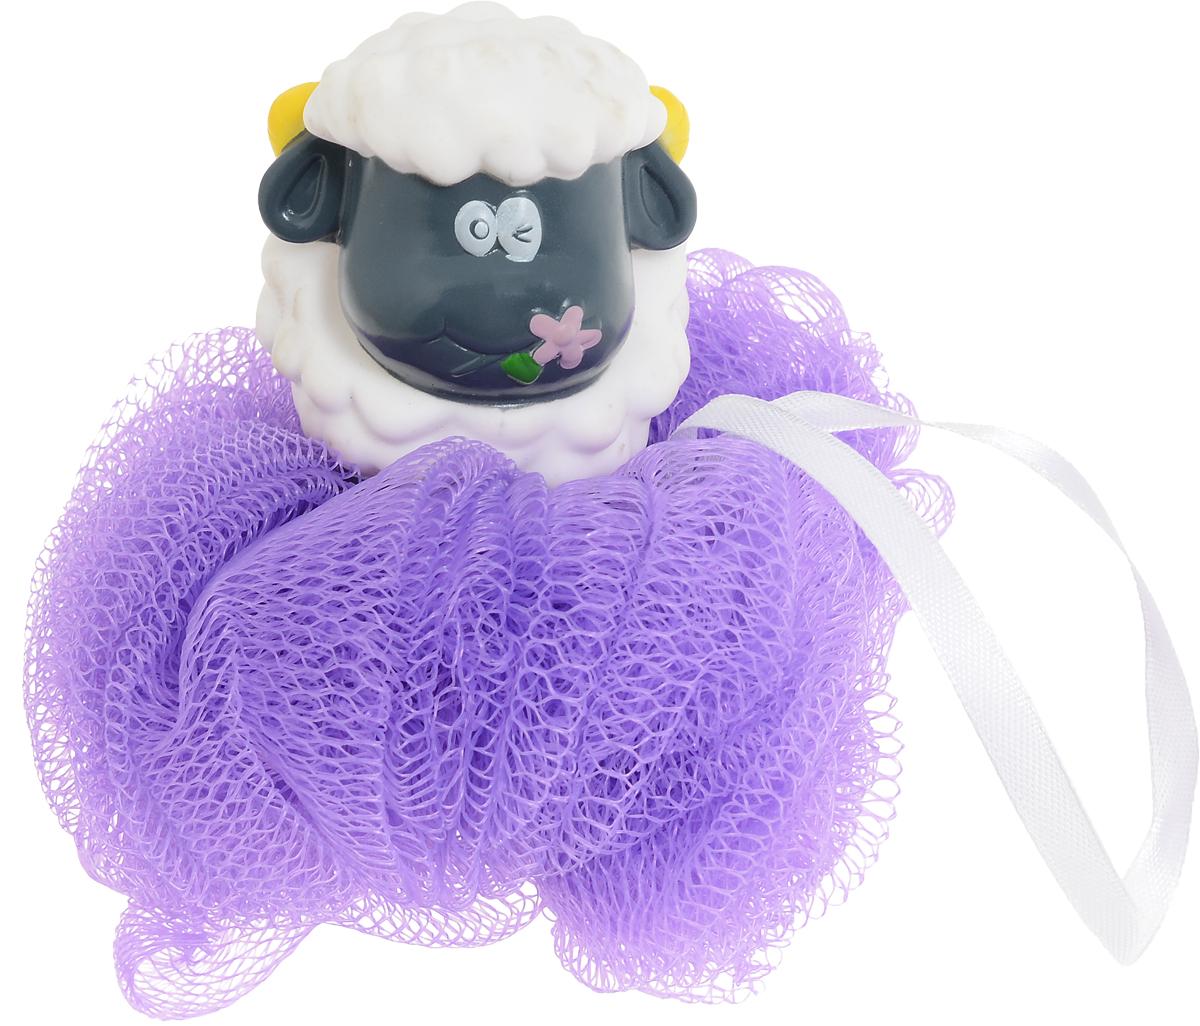 BioCos Мочалка для тела с игрушкой-гелем для душа, цвет сиреневый12989_сиреневыйМочалка бережно очищает кожу, обладает приятным массажным эффектом. Подходит для ежедневногоиспользования. Рекомендации по применению: промыть мочалку в горячей воде, предварительно сняв с нее игрушку. Выдавитьгель для душа из игрушки на мокрую мочалку и взбить до появления пены. Состав геля для душа: вода, лауретсульфат натрия, кокамидопропилбетаин, акрилат/C10-30, алкилированныйакрилат кроссполимер, триэтаноламин, С12-13 алкил лактат, парфюм, двунатриевый ETDA, метилпарабен,пропилпарабен, метилхлороизотиазолинол & метилизотиазолинон, +/- Cl19140, Cl42090, Cl17200, Cl77891. Уважаемые клиенты!Обращаем ваше внимание на возможные изменения дизайна игрушки,связанные с ассортиментом продукции. Поставка осуществляется в зависимости от наличия на складе.